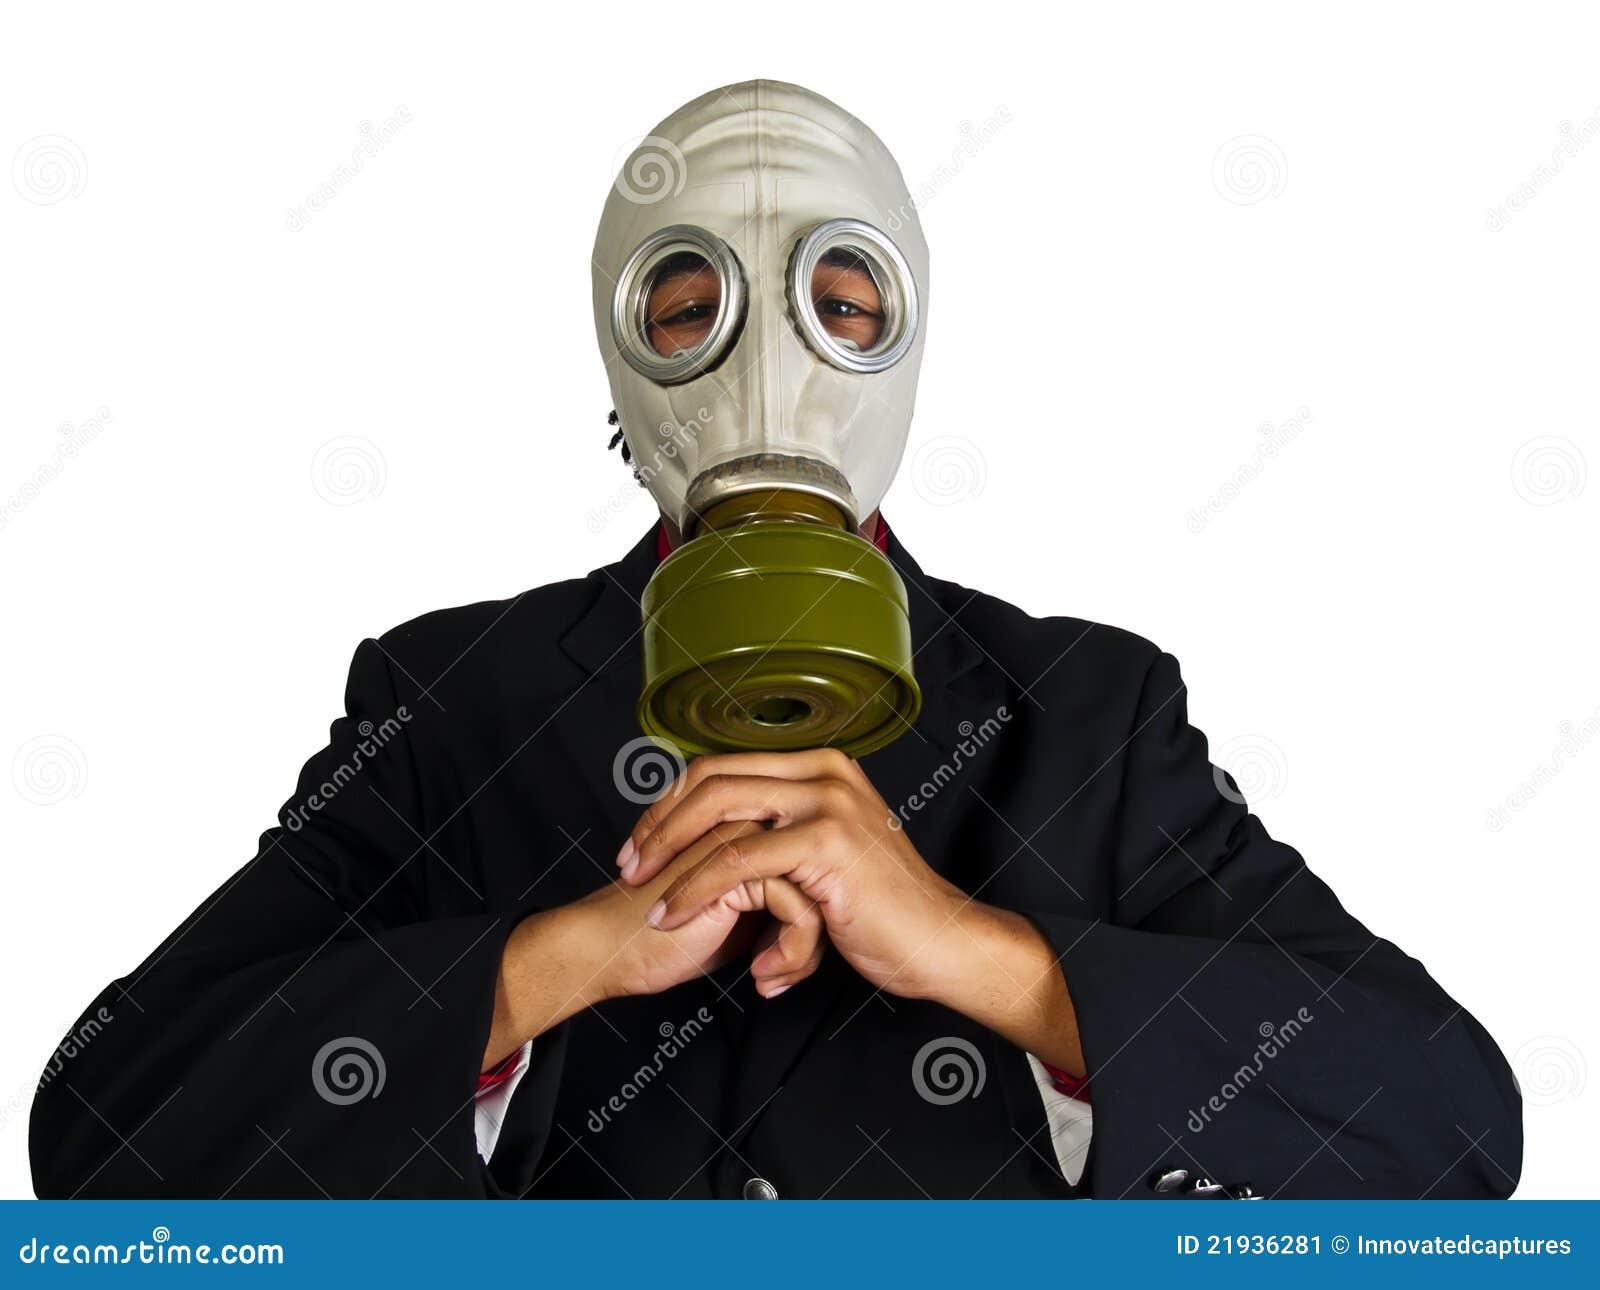 Corporación ambientalmente peligrosa